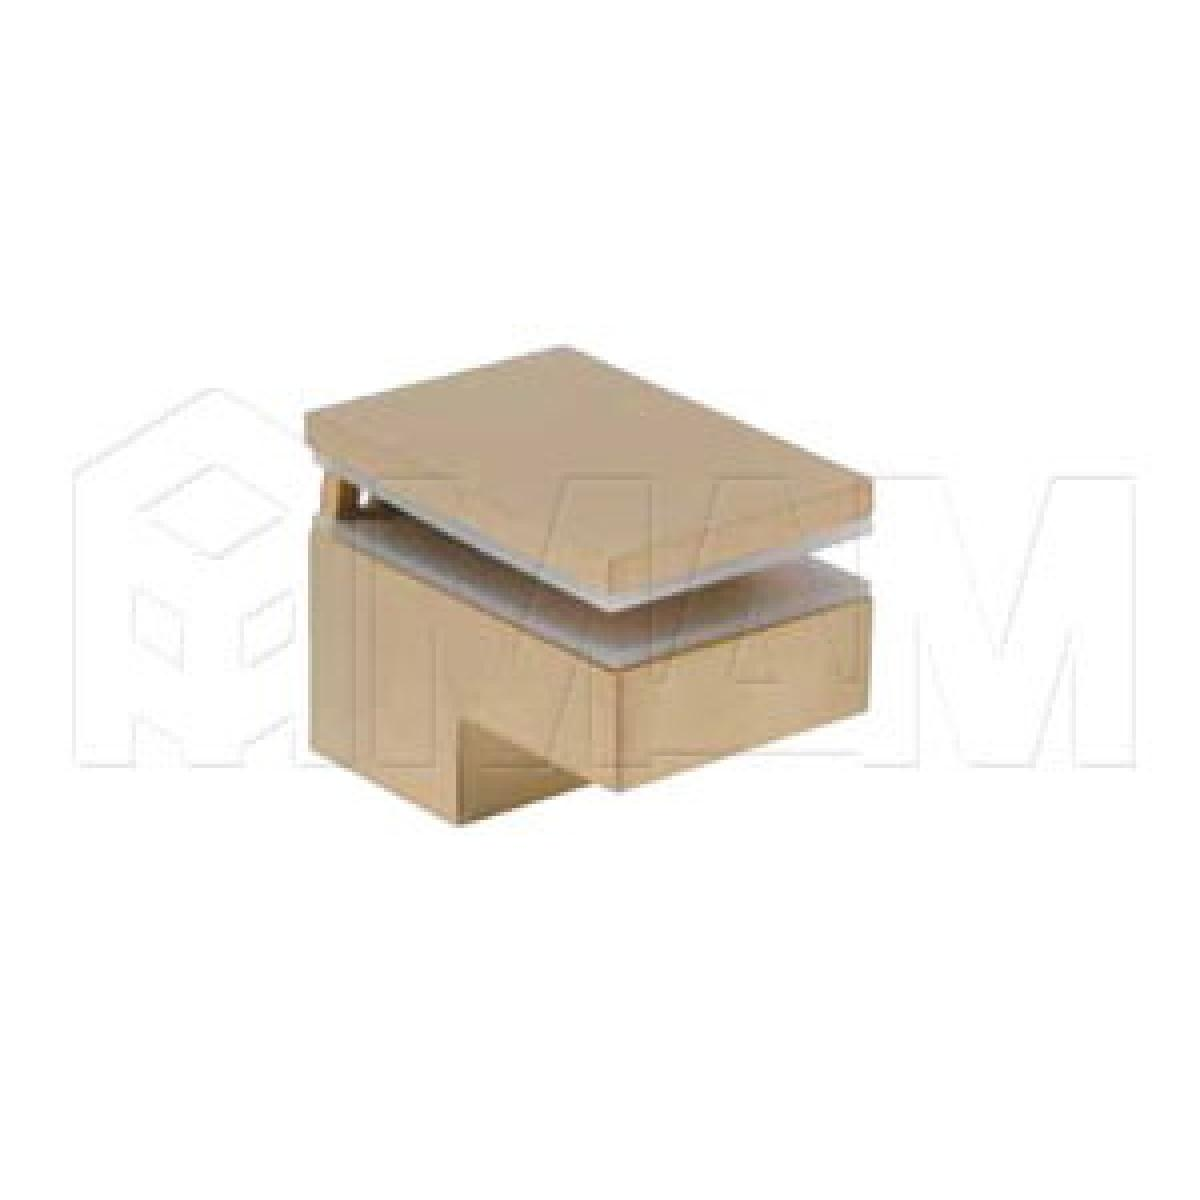 Менсолодержатель 40Х60 мм для деревянных и стеклянных полок 6 -25 мм, золото матовое (2 шт.)